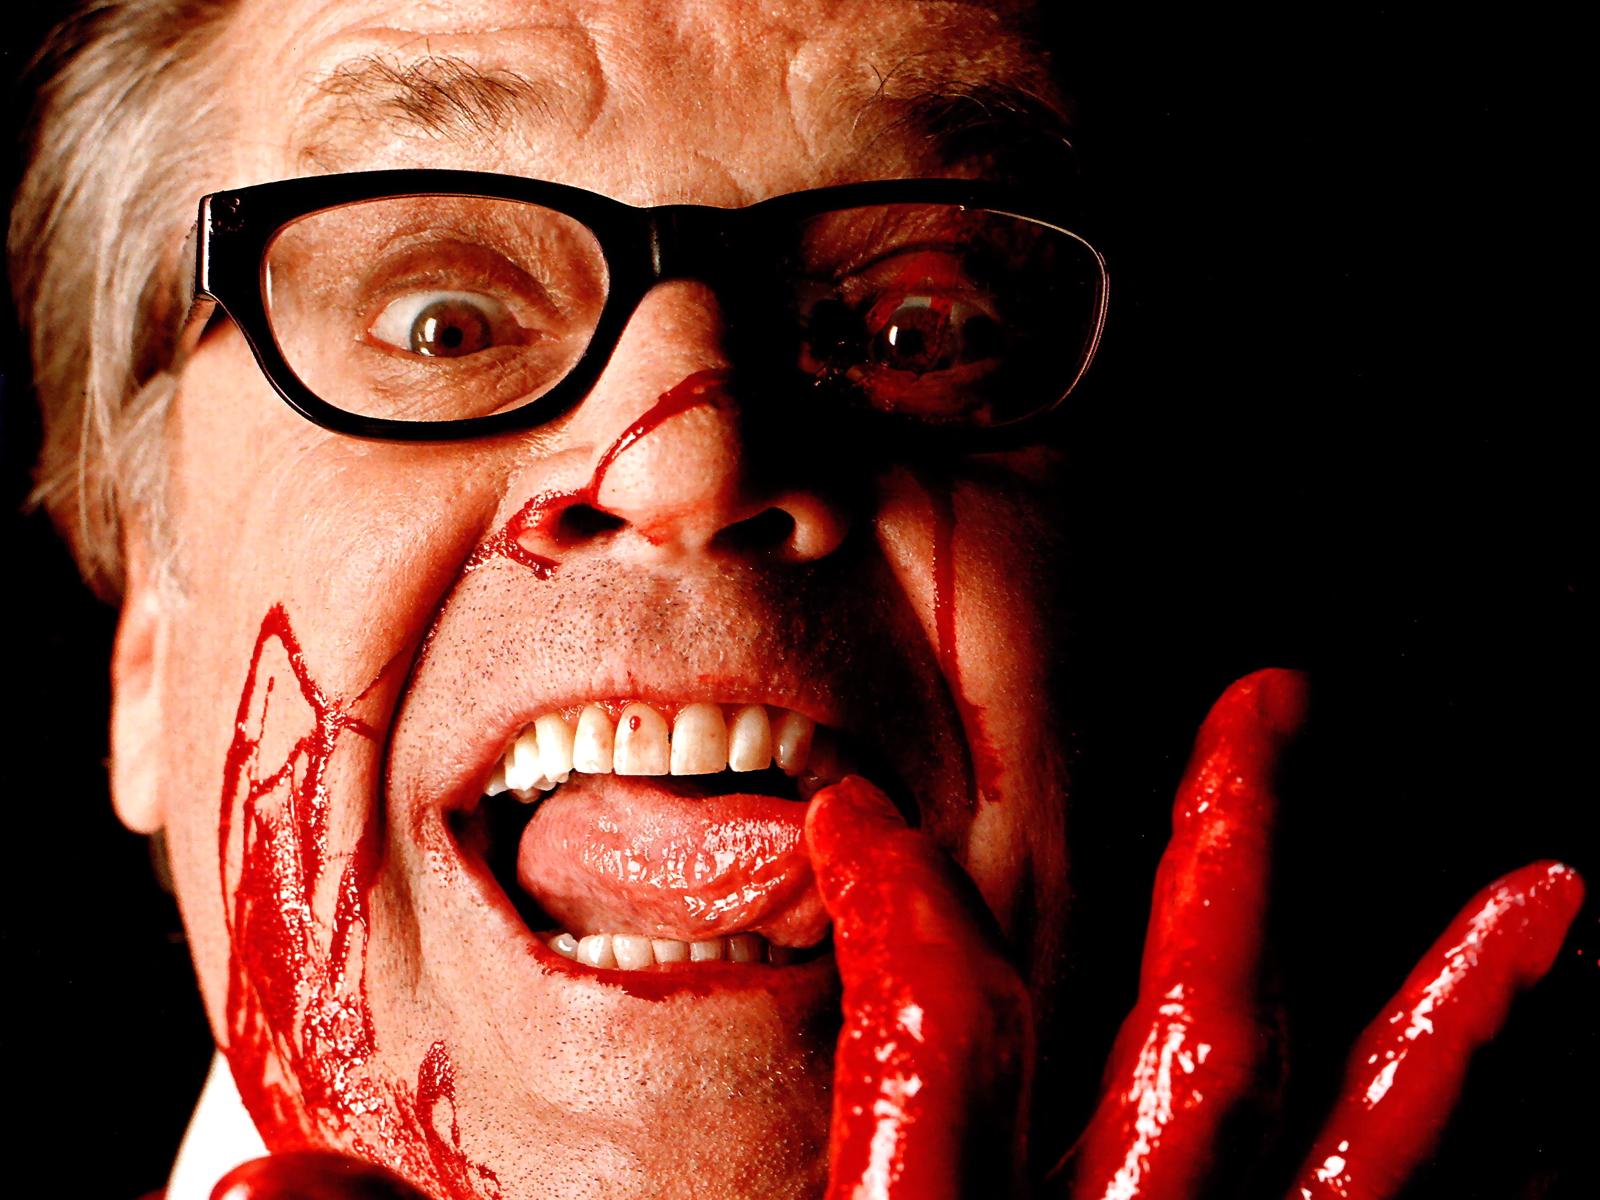 Как сделать так чтобы изо рта пошла кровь